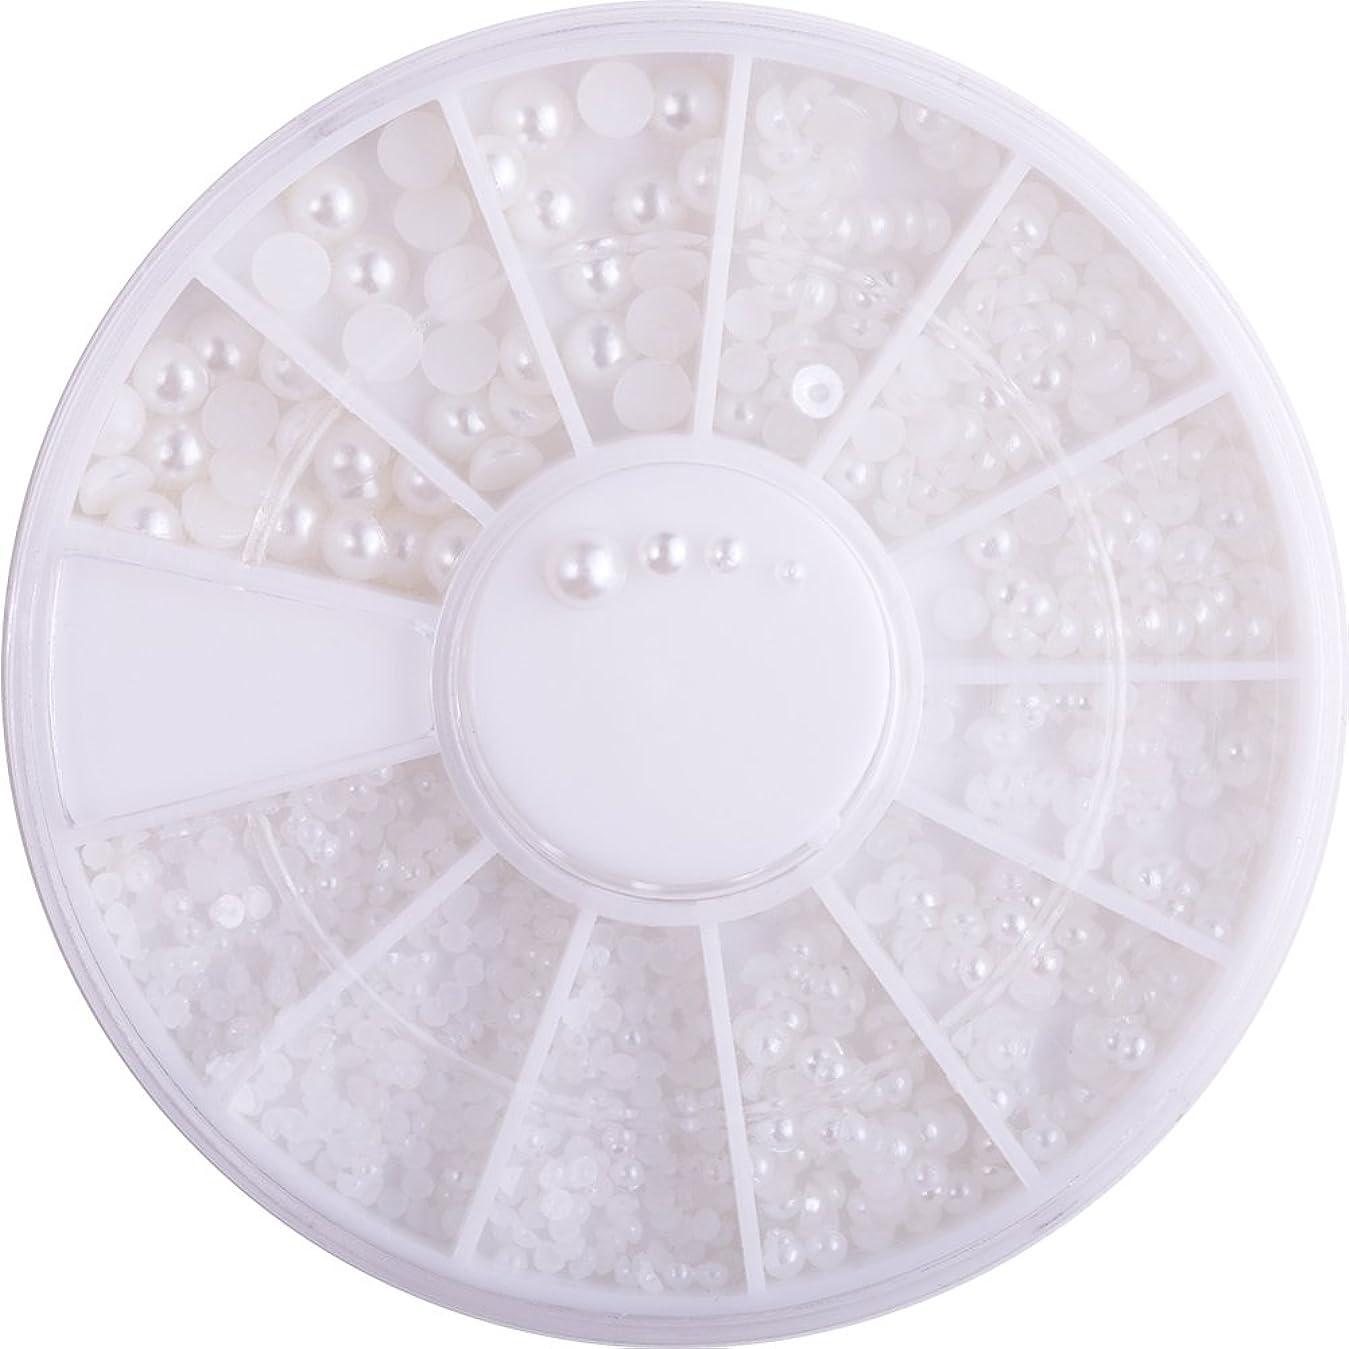 ベッド早い代表するユニークモール(UniqueMall)半円パール ホワイト ネイル デコ用 1.5mm,2mm,2.5mm,3mm ラウンドケース入 ネイルアートパーツ ネイル用品